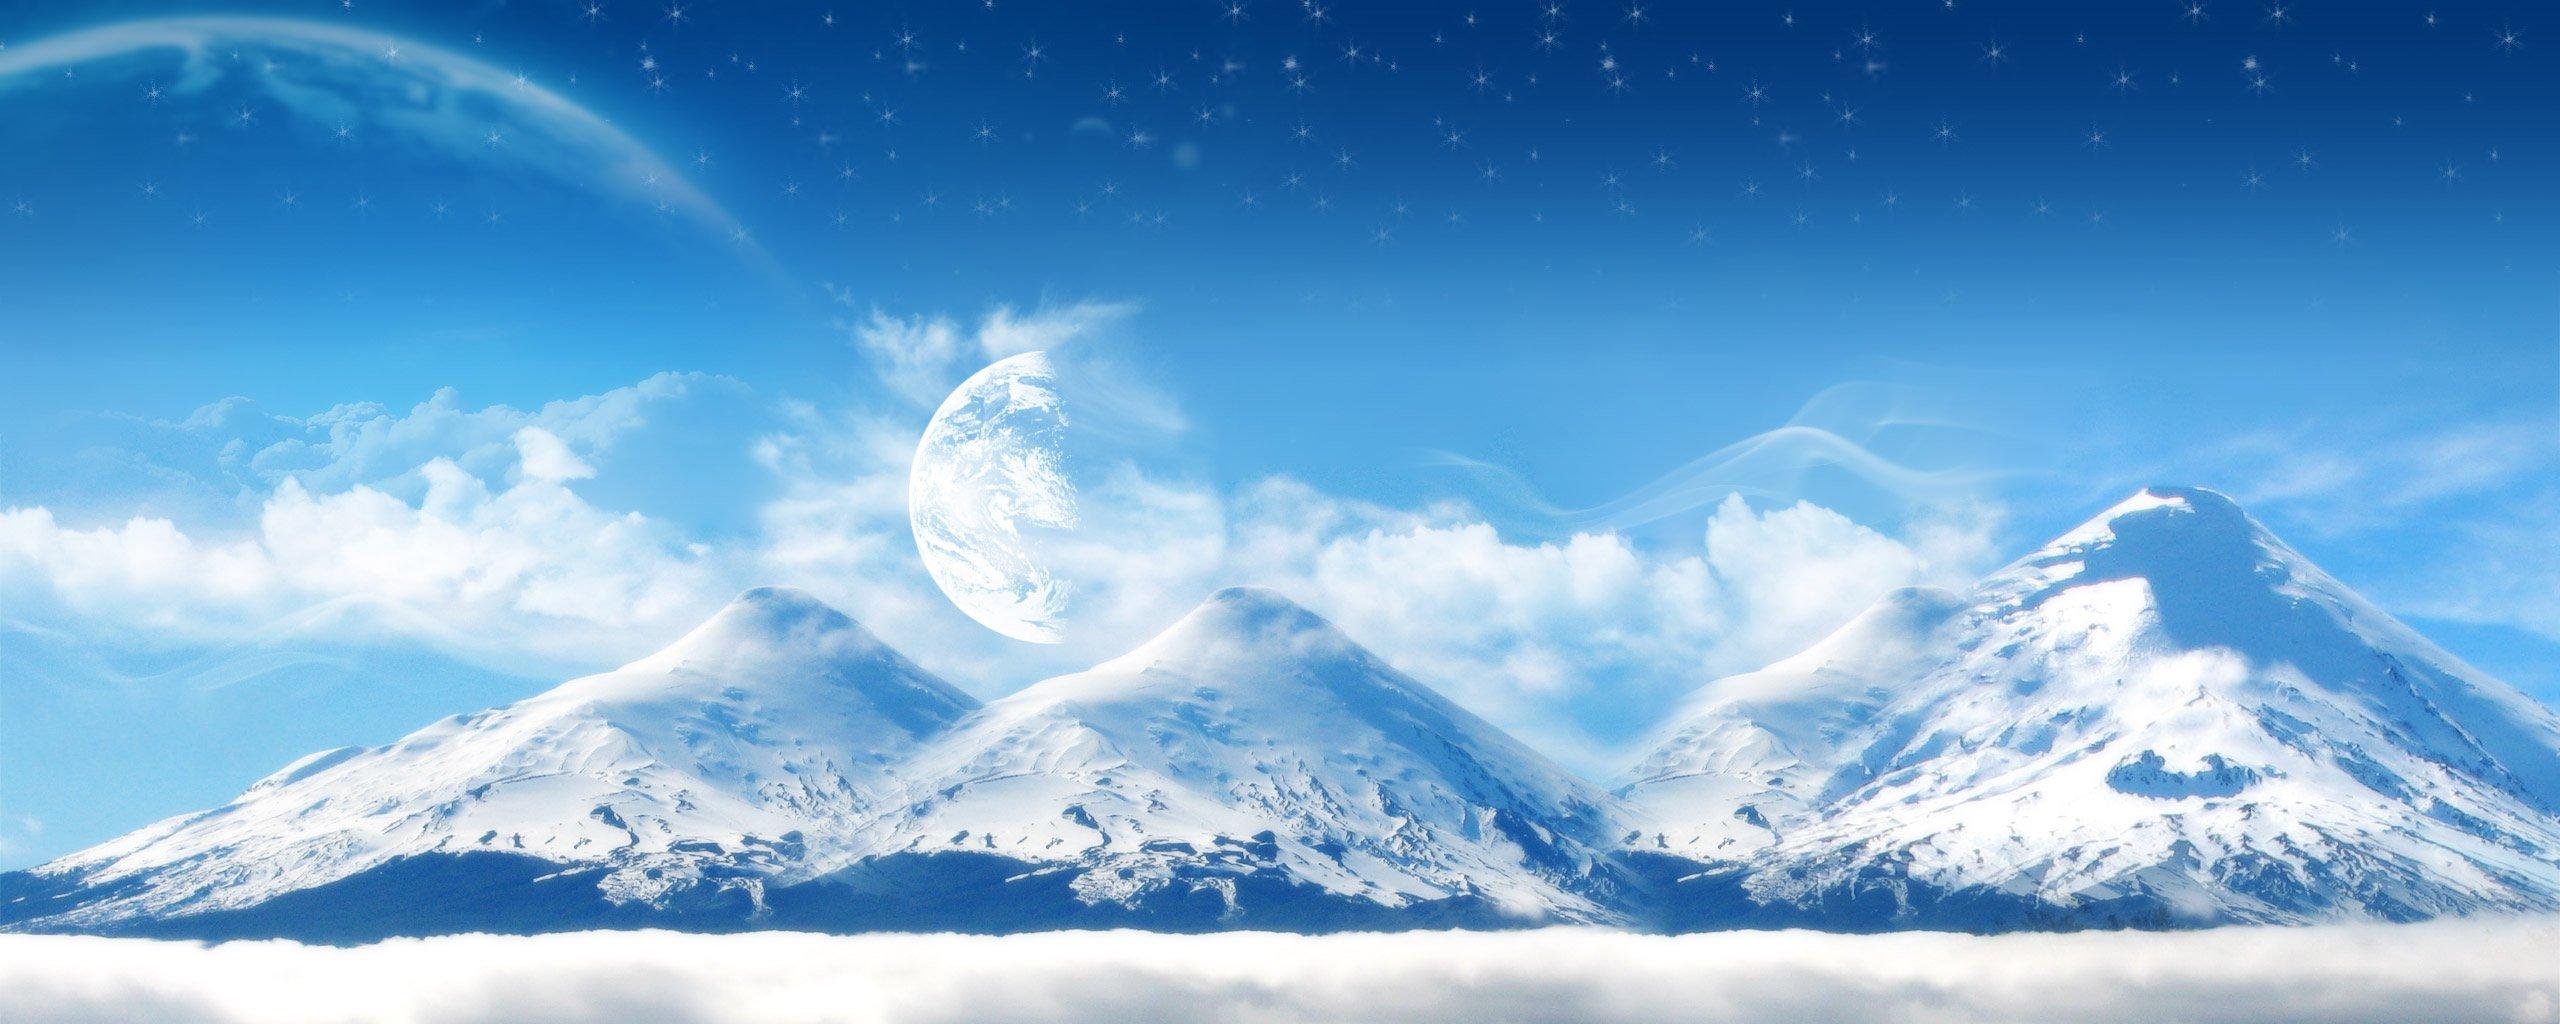 Планеты над горами  № 1164057 загрузить